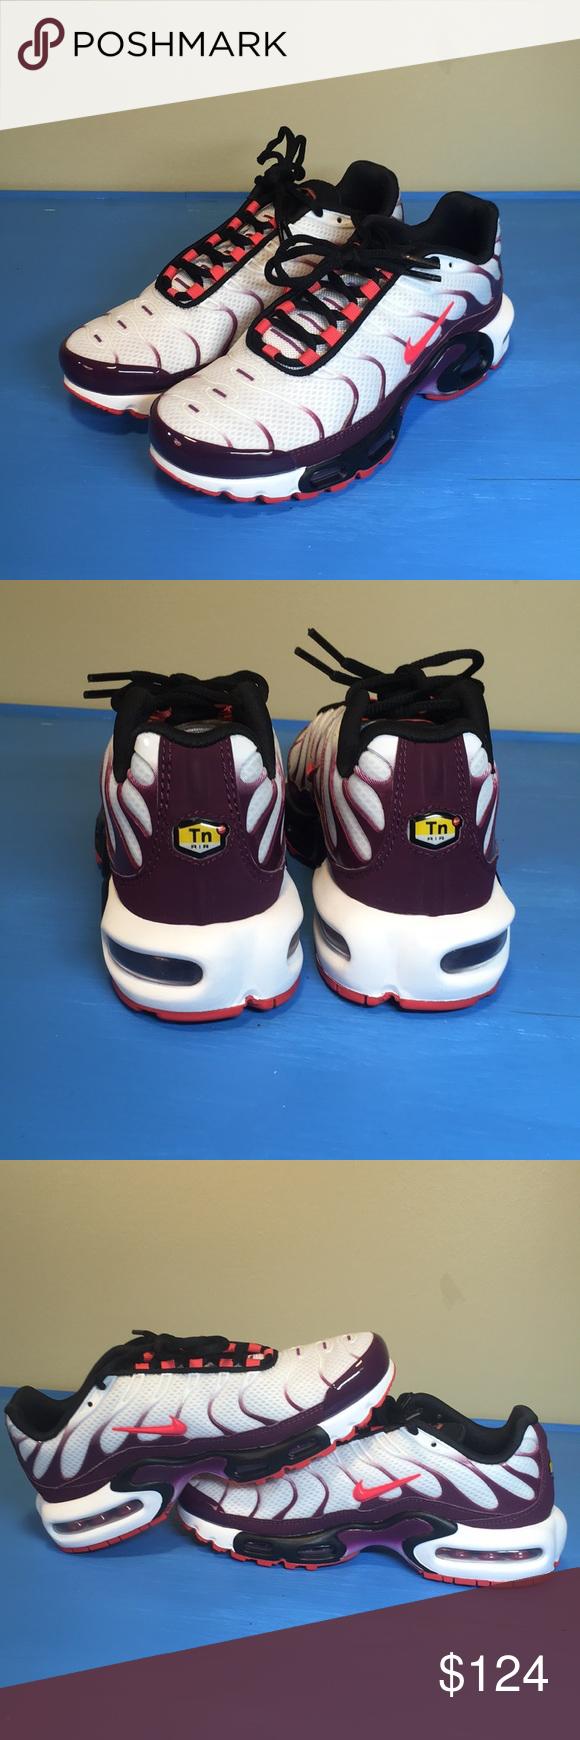 Nike Air Max TN Plus Tuned CD7061 101 NEW Nike Air Max TN